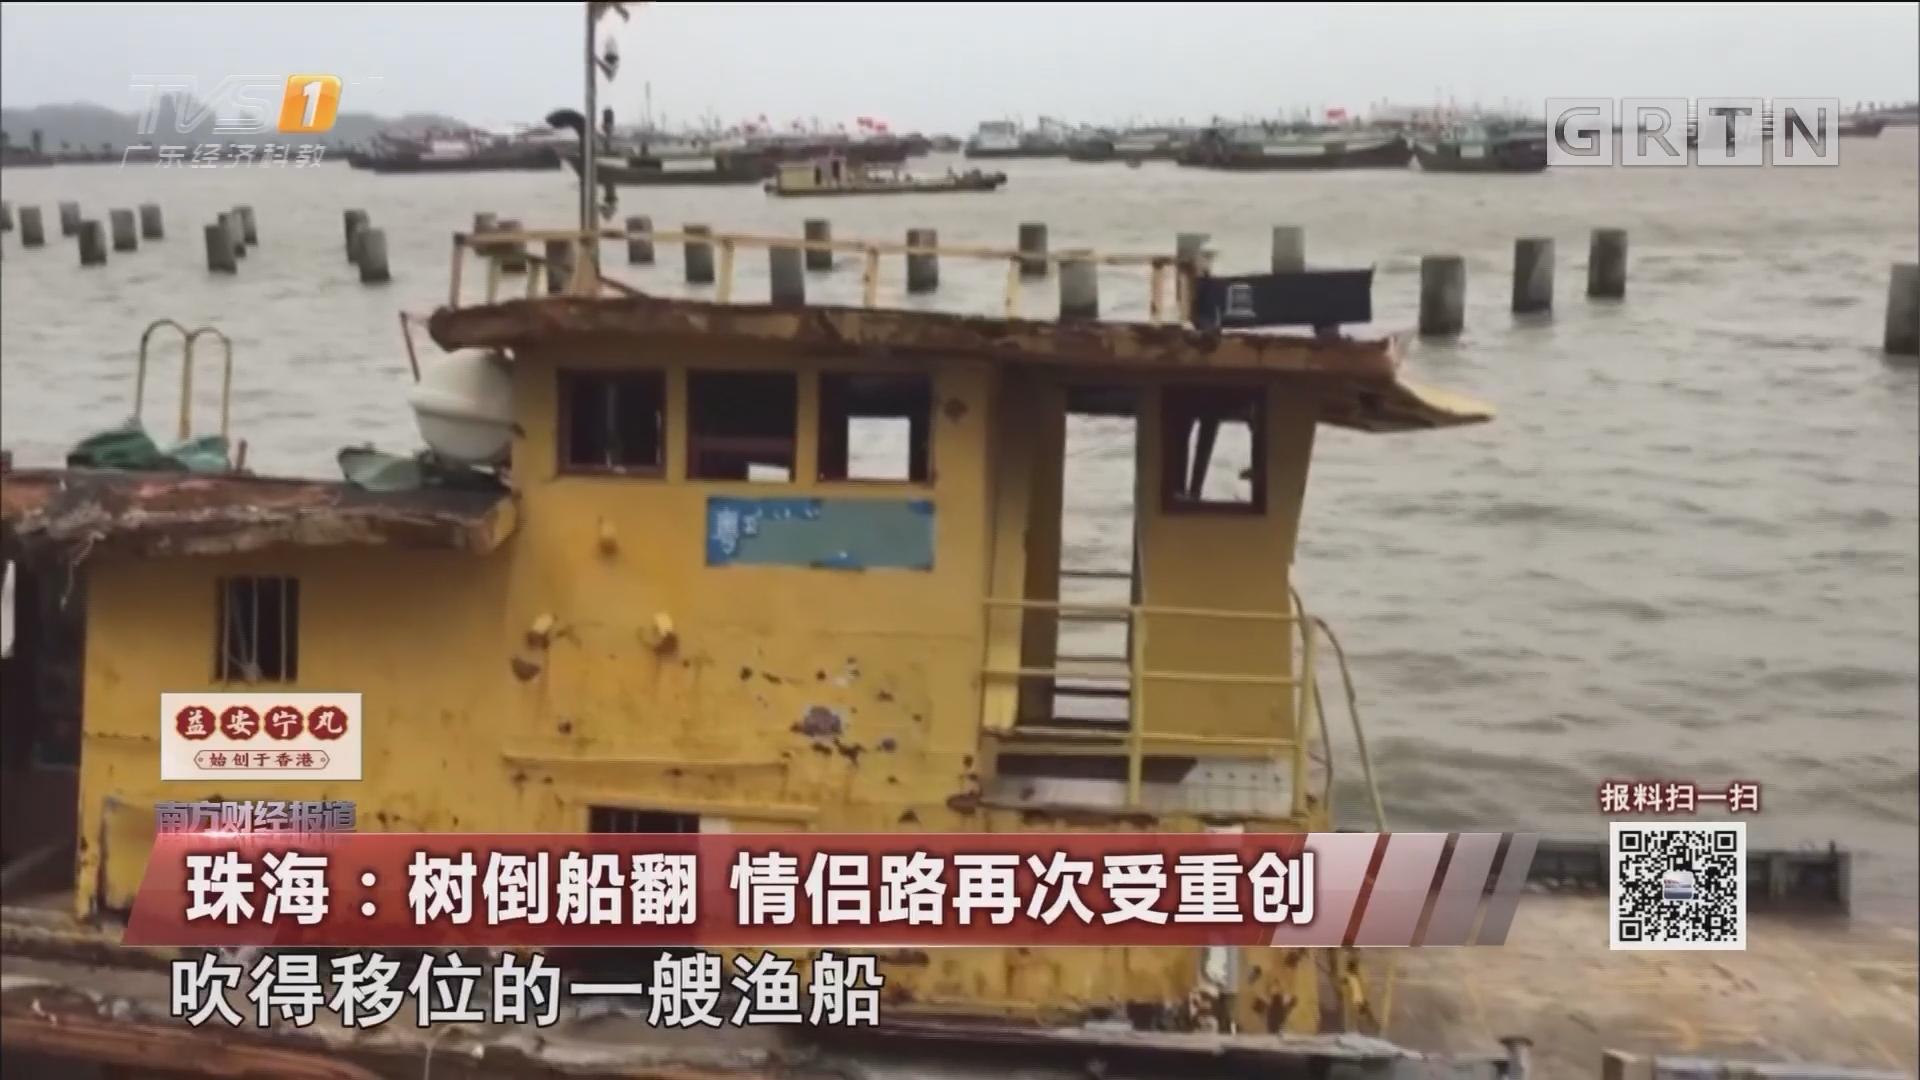 珠海:树倒船翻 情侣路再次受重创